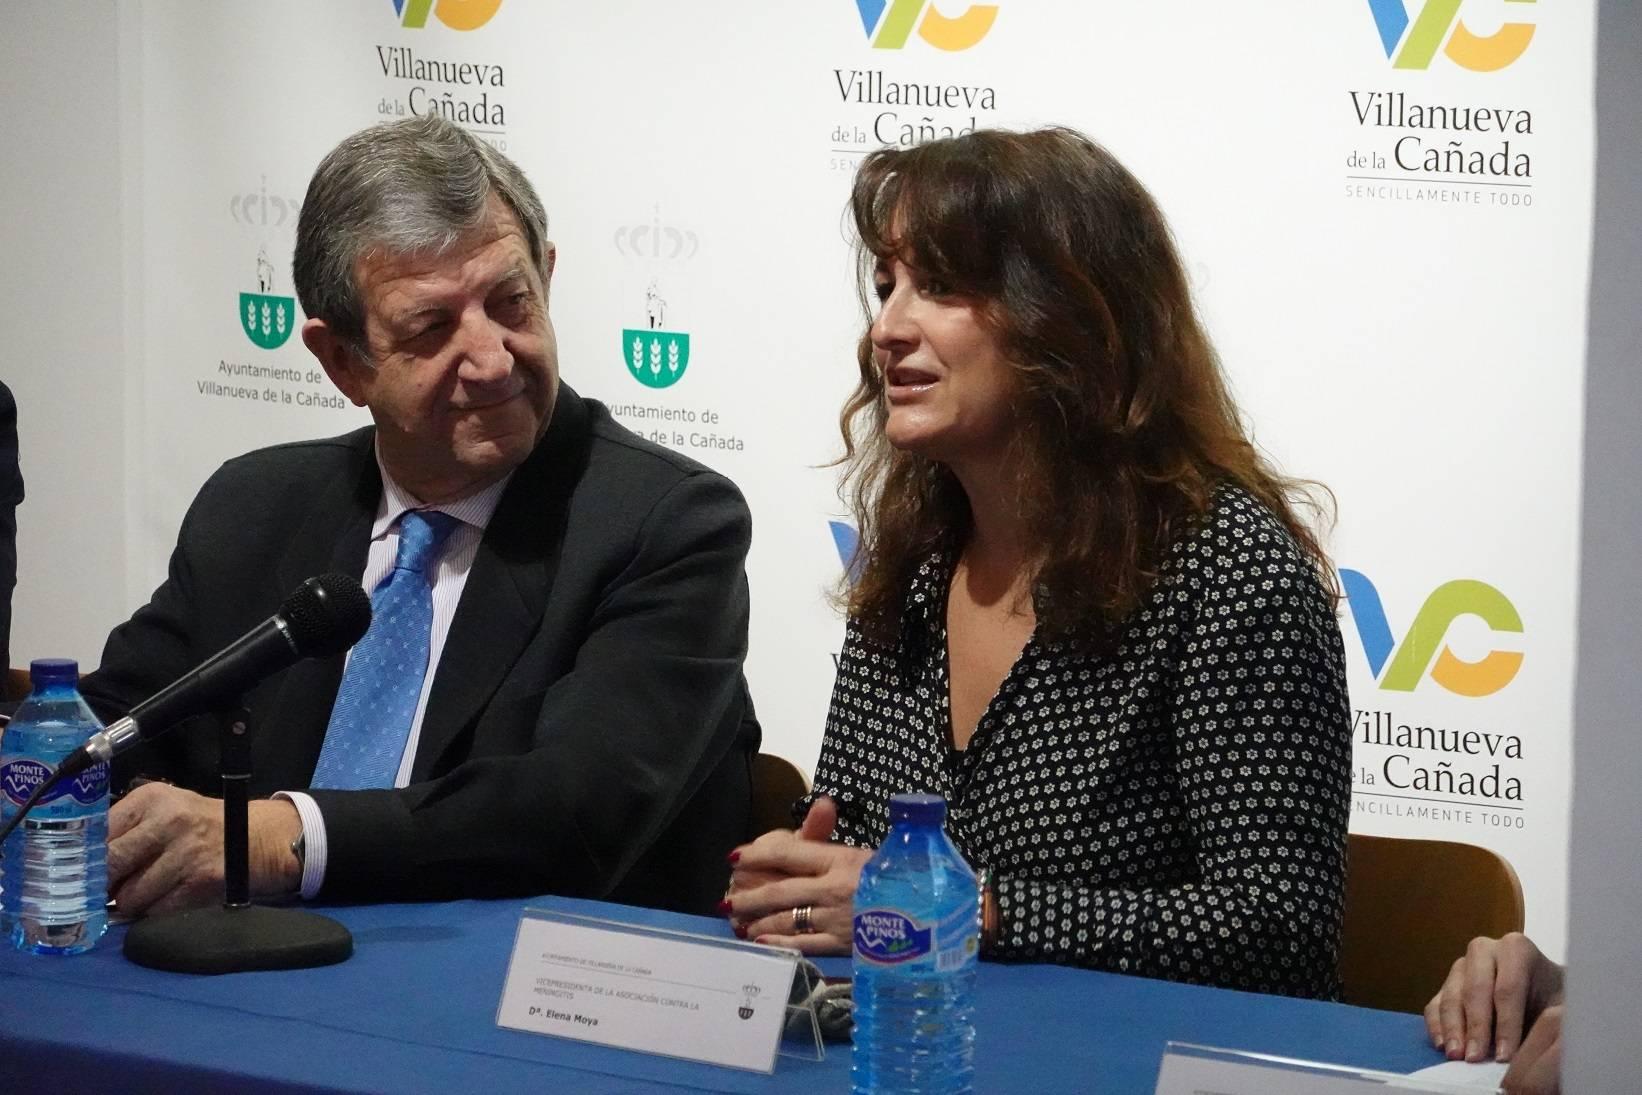 El regidor villanovense, acompañado por la vicepresidenta de la Asociación Española contra la Meningitis, Elena Moya.